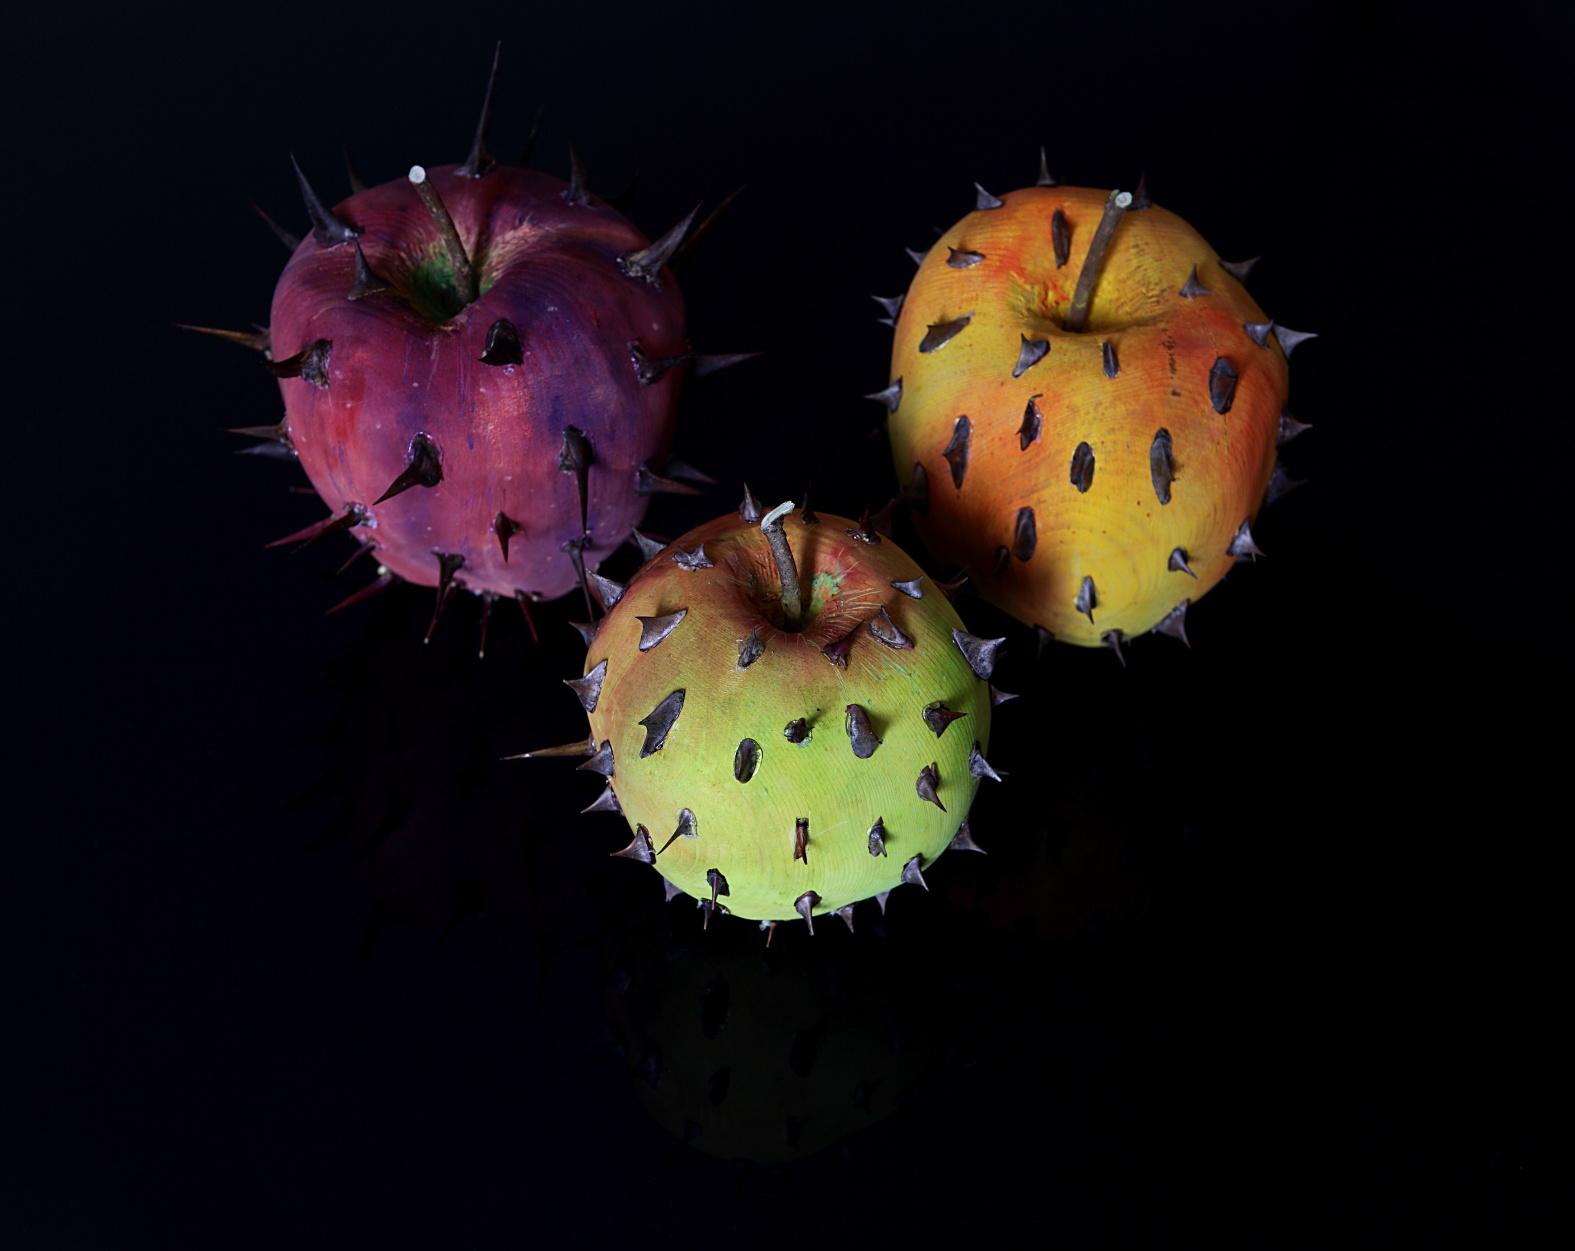 Frutti proibiti di Marco Nones (cirmolo e rose di spina)